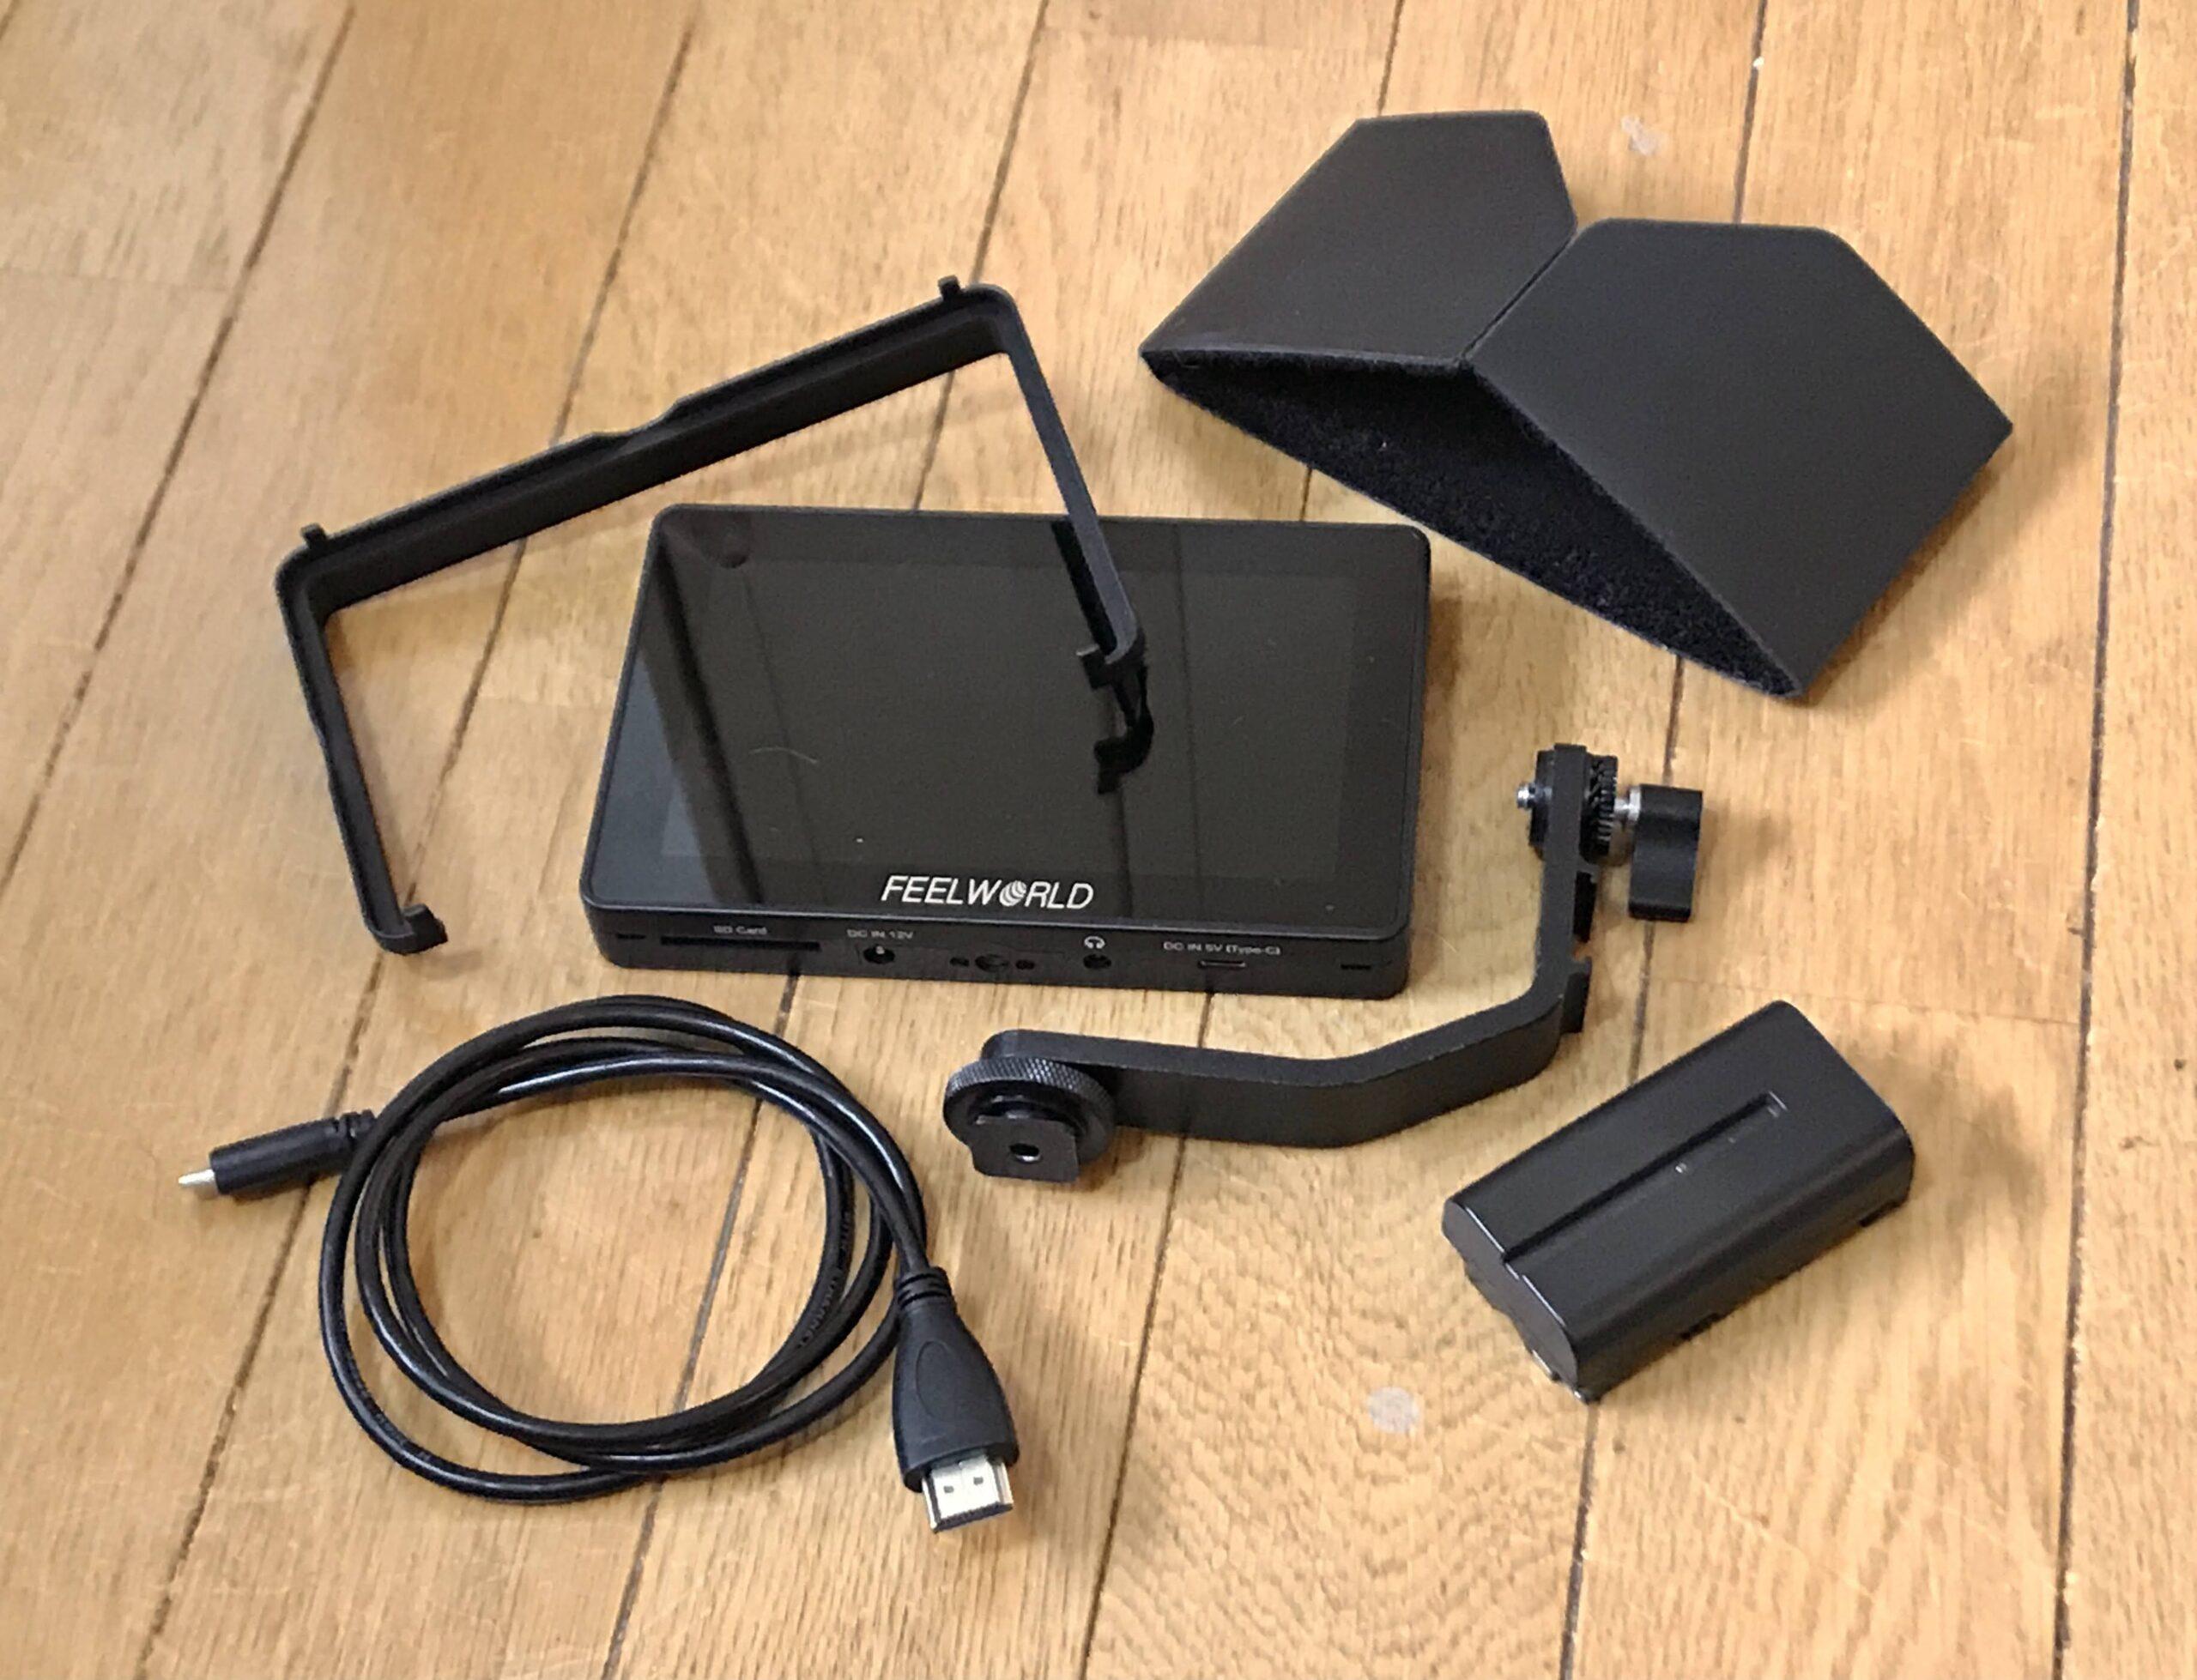 モニター、マイクロHDMIケーブル、ティルトアーム、サンシェードとアタッチメント(バッテリ別売)